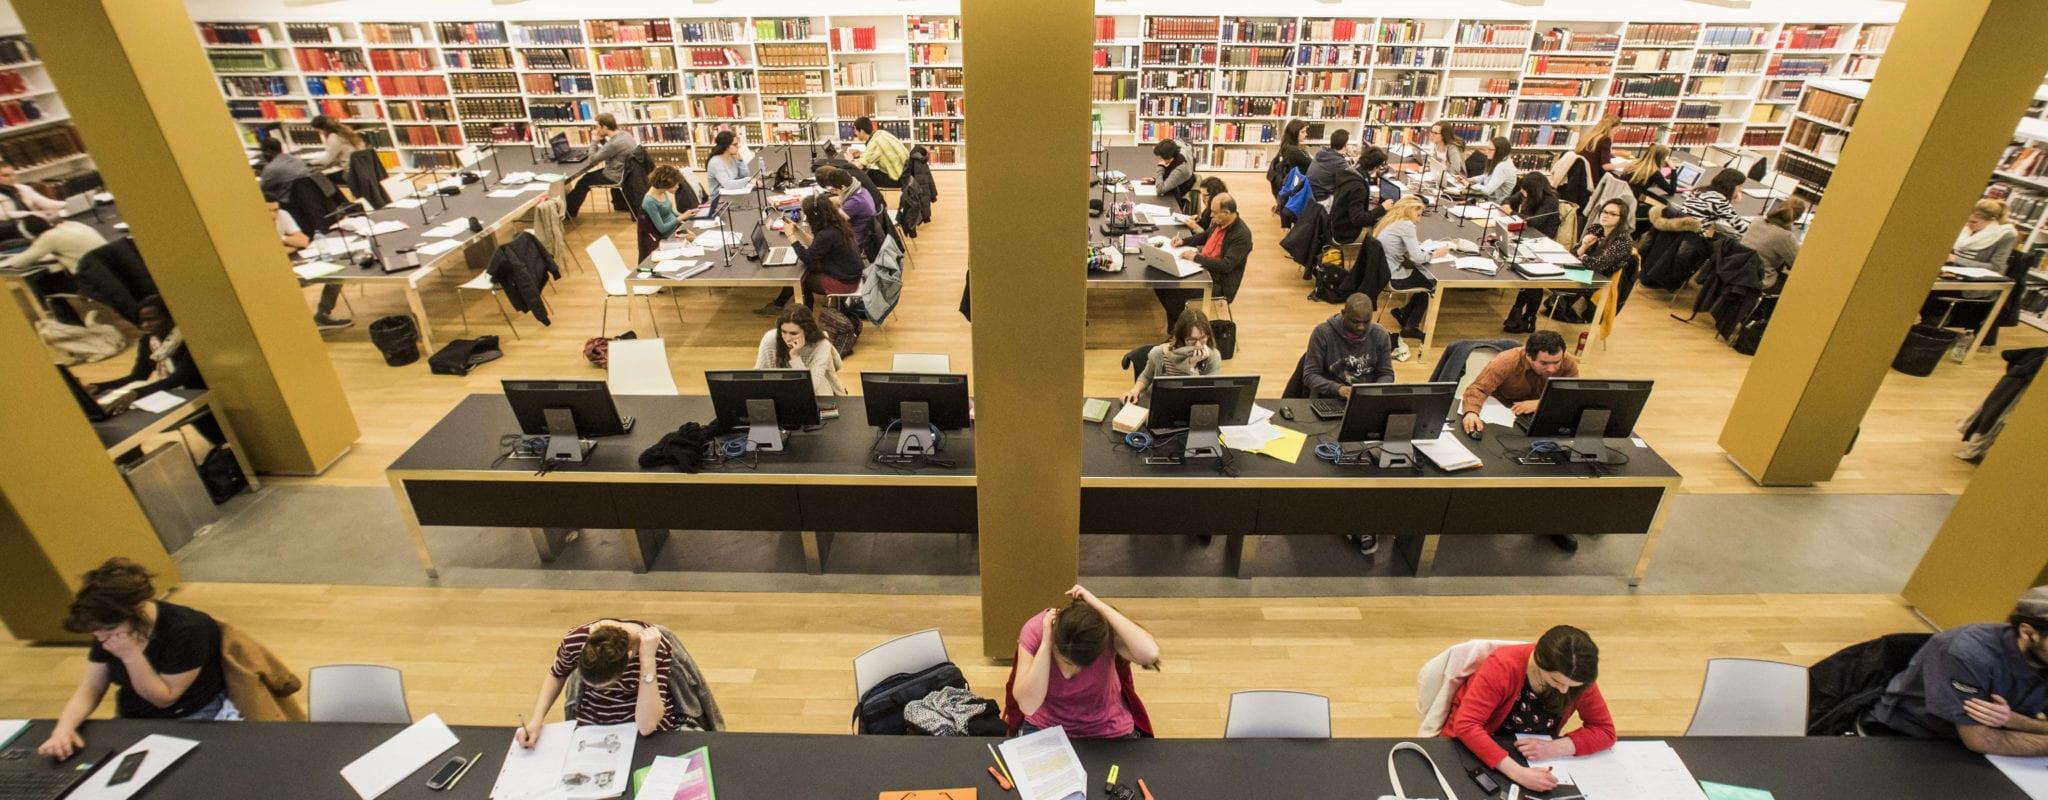 Étudiants étrangers : l'Unistra exonère en 2019 et cherche des solutions pour ensuite